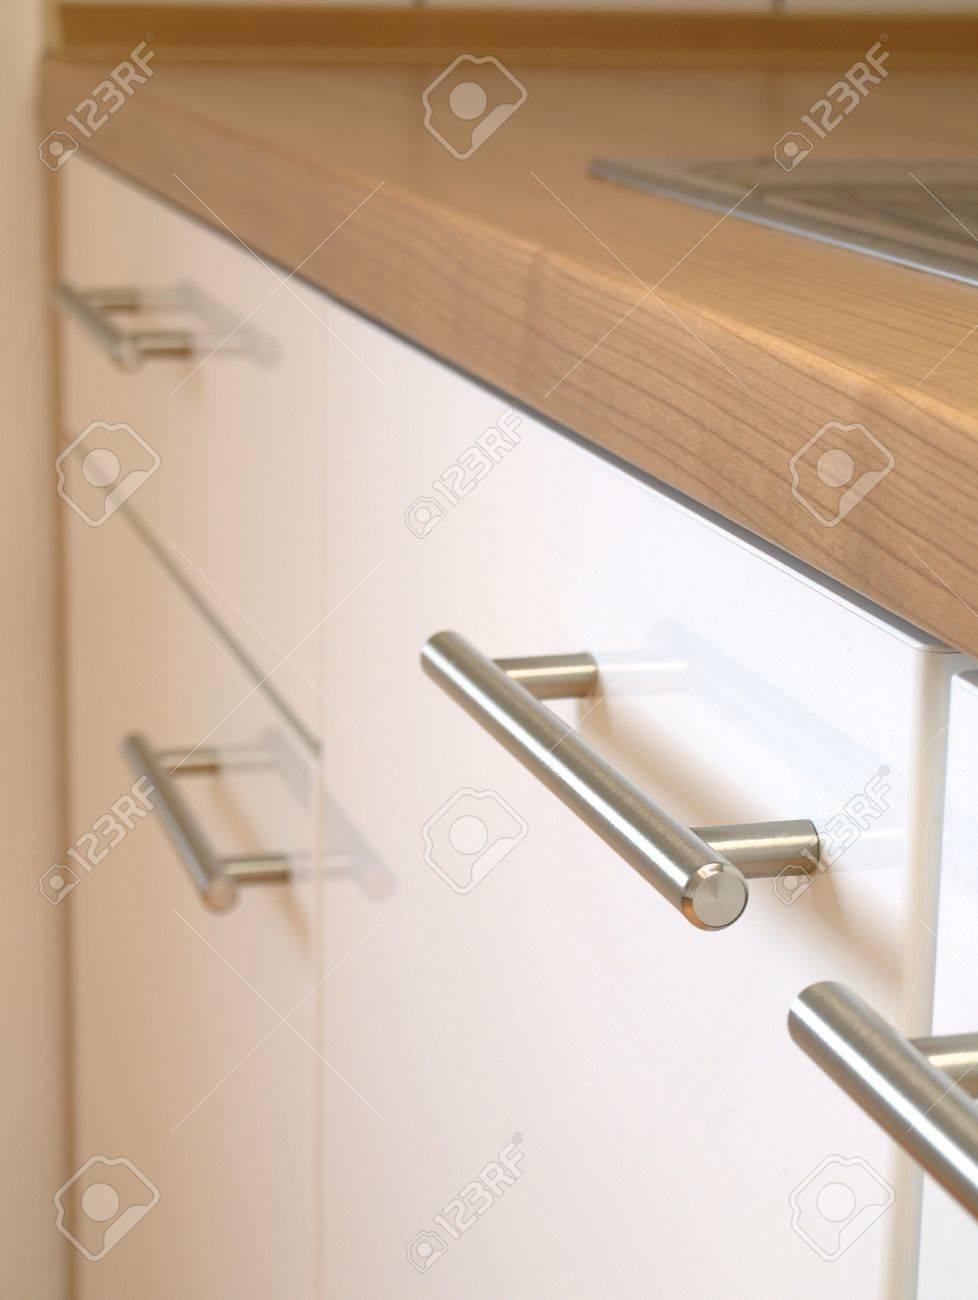 Eine Moderne Küche Schrank, Zähler Nach Oben, Sinken Lizenzfreie ...